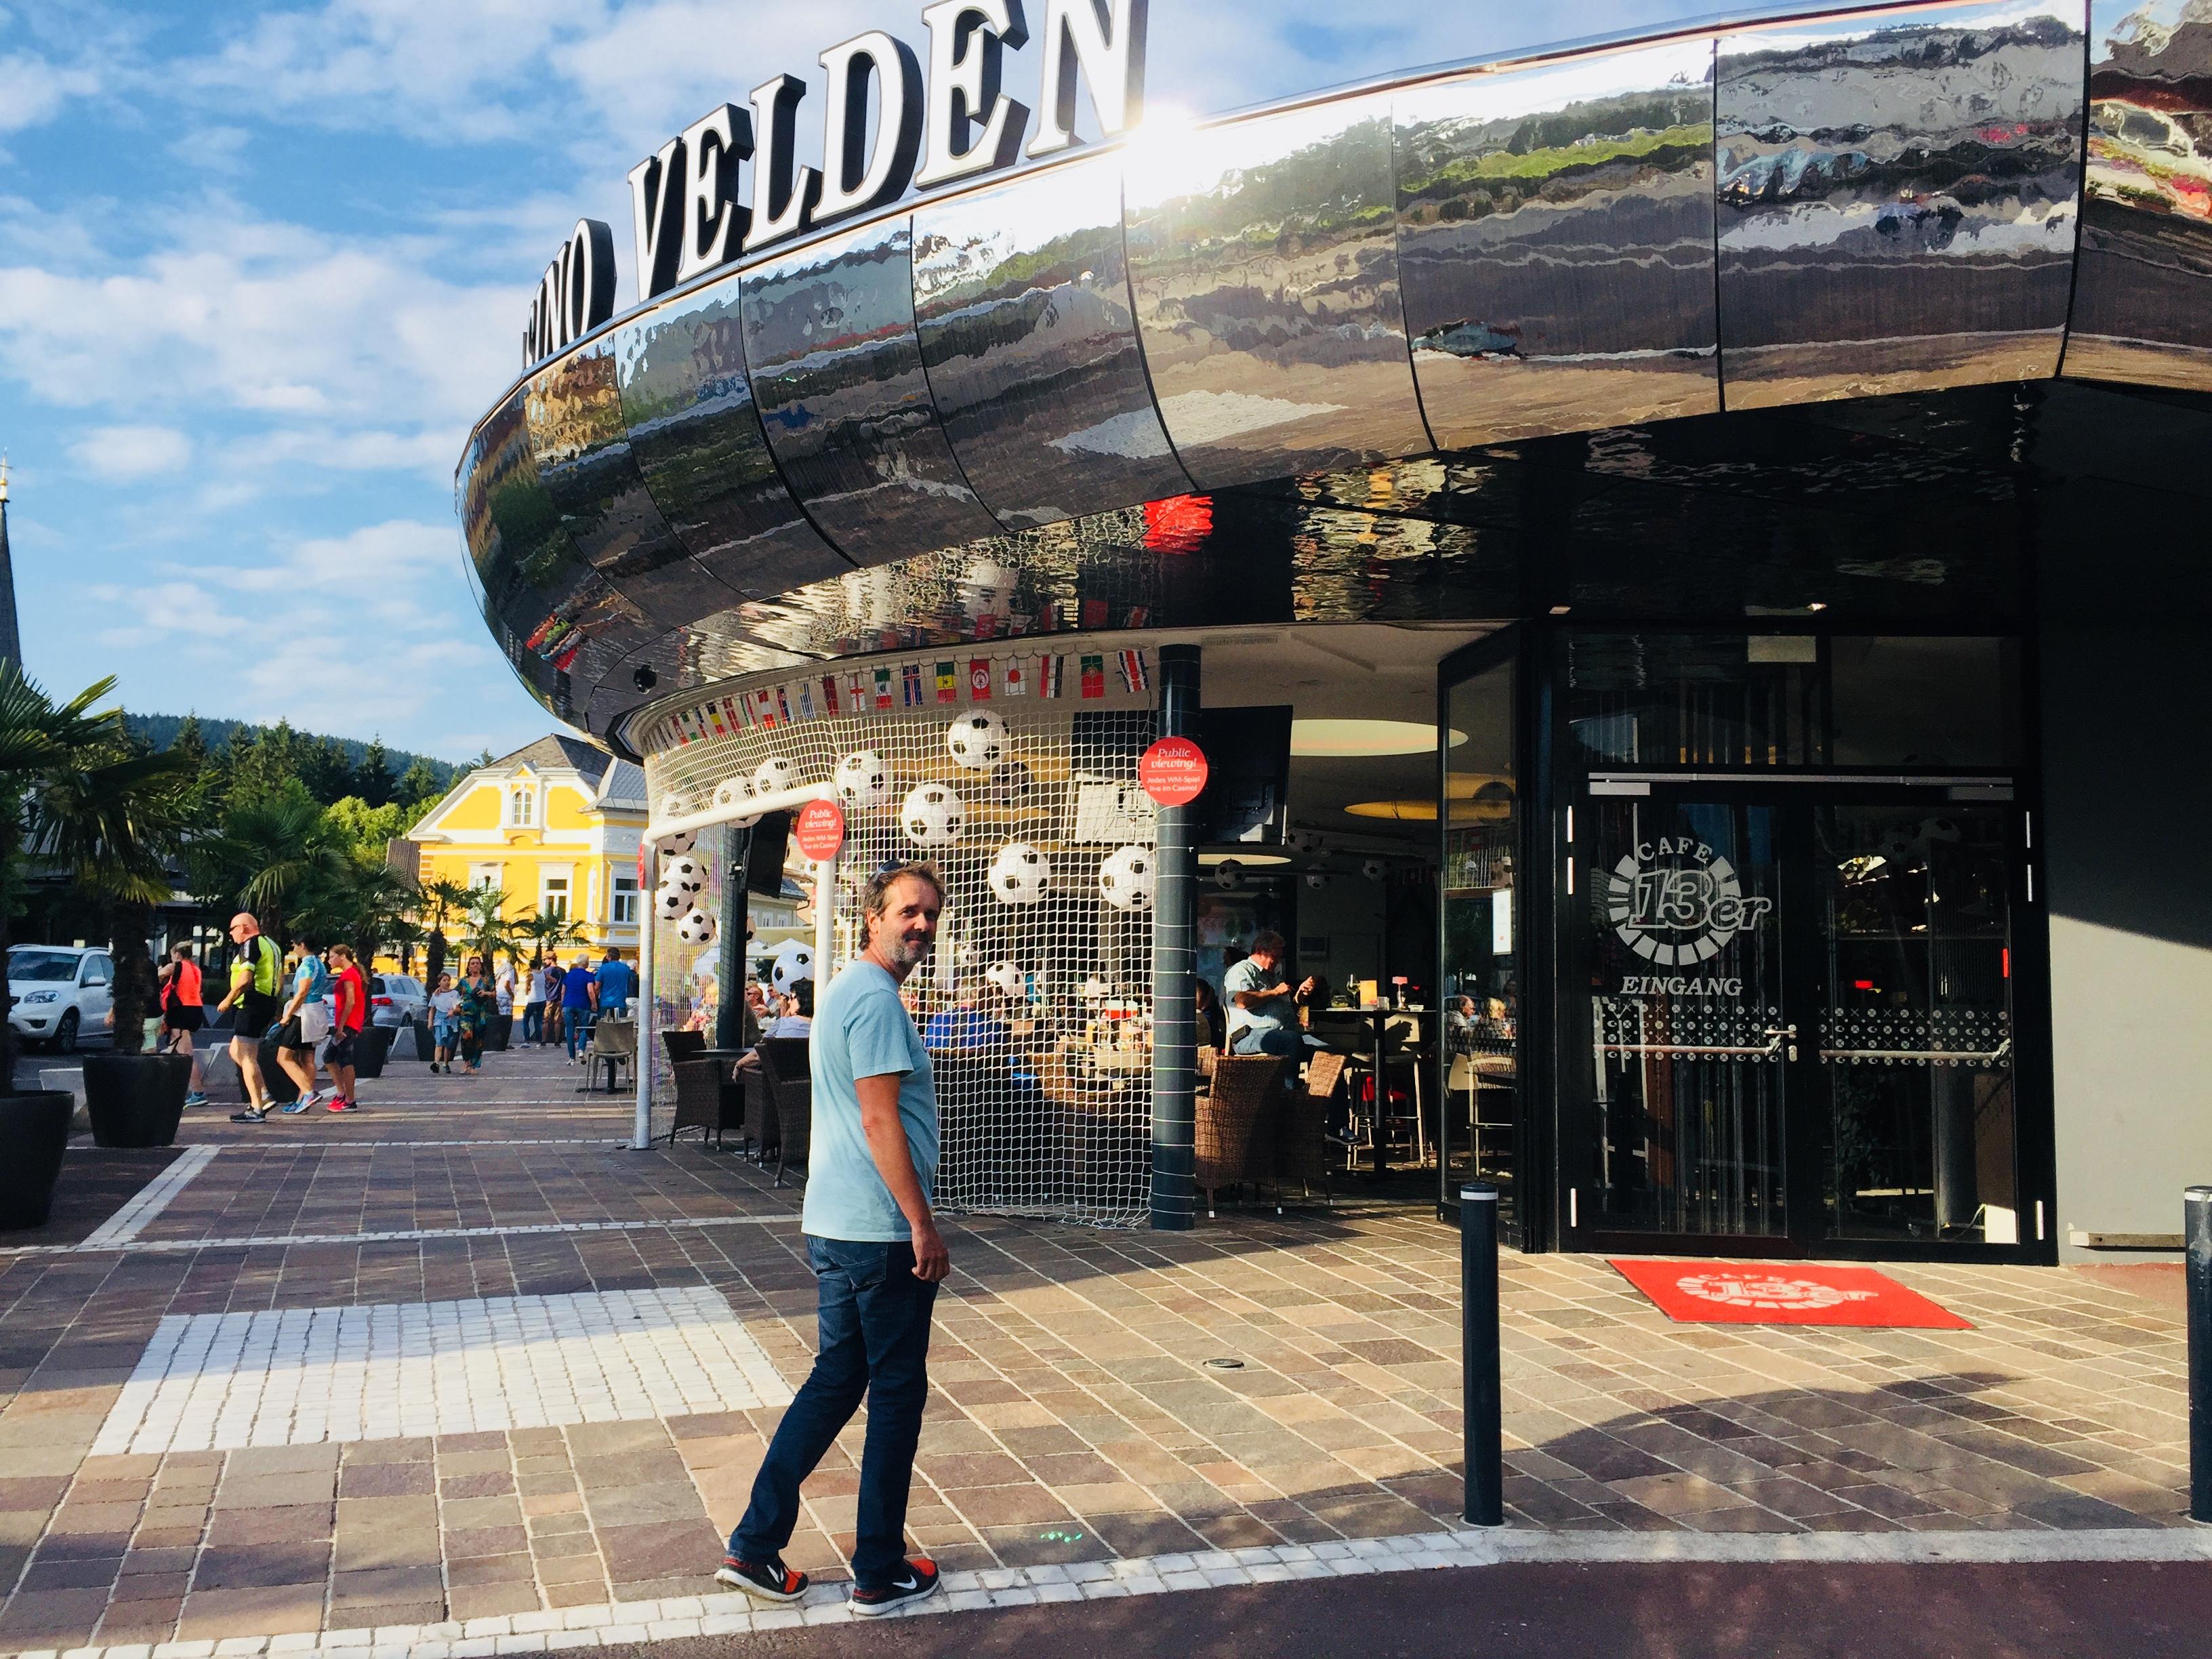 E20-3 Casino Velden